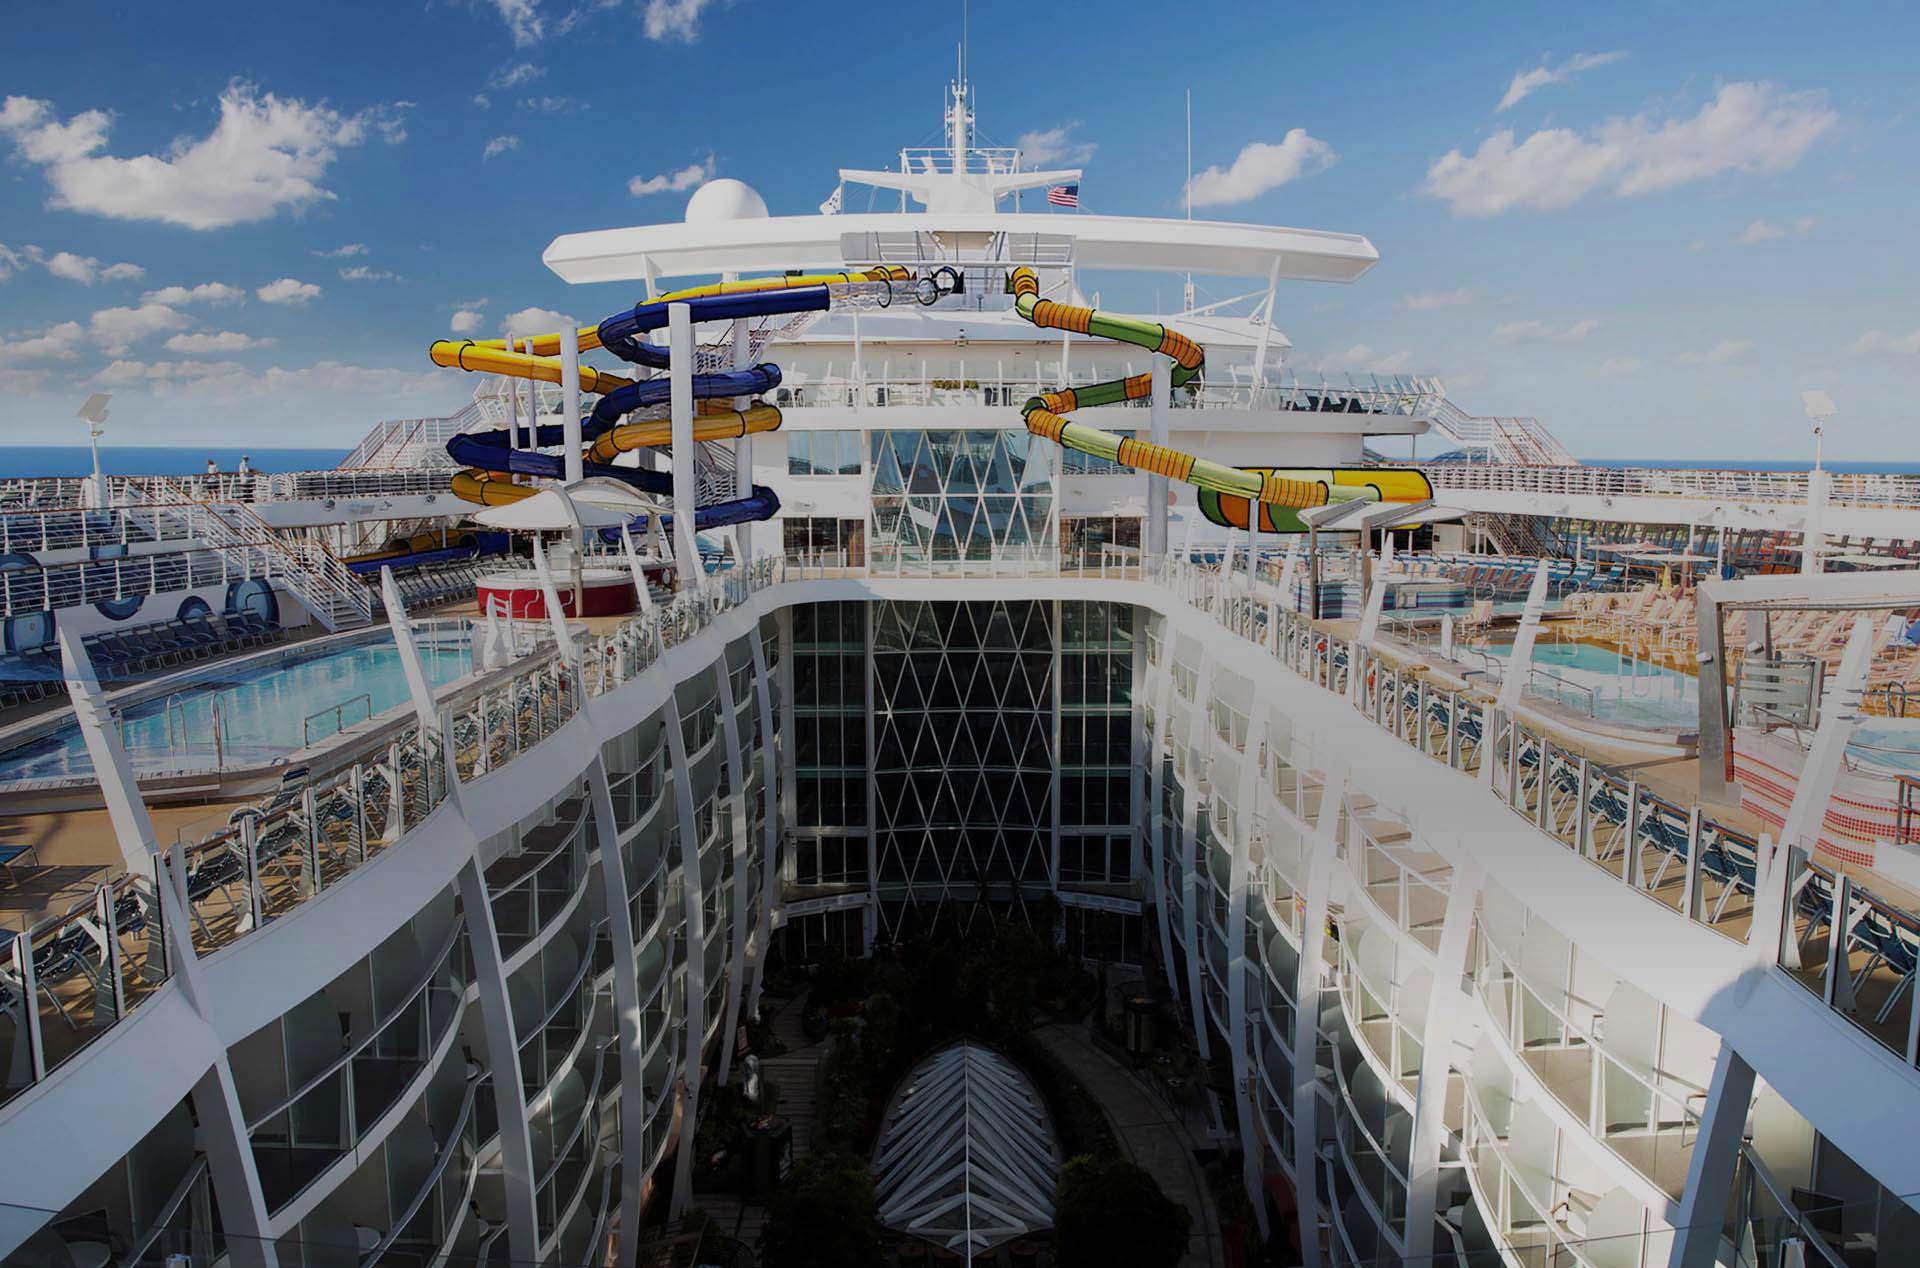 Harmony of the Seas prossima al debutto: ecco le ultime novità